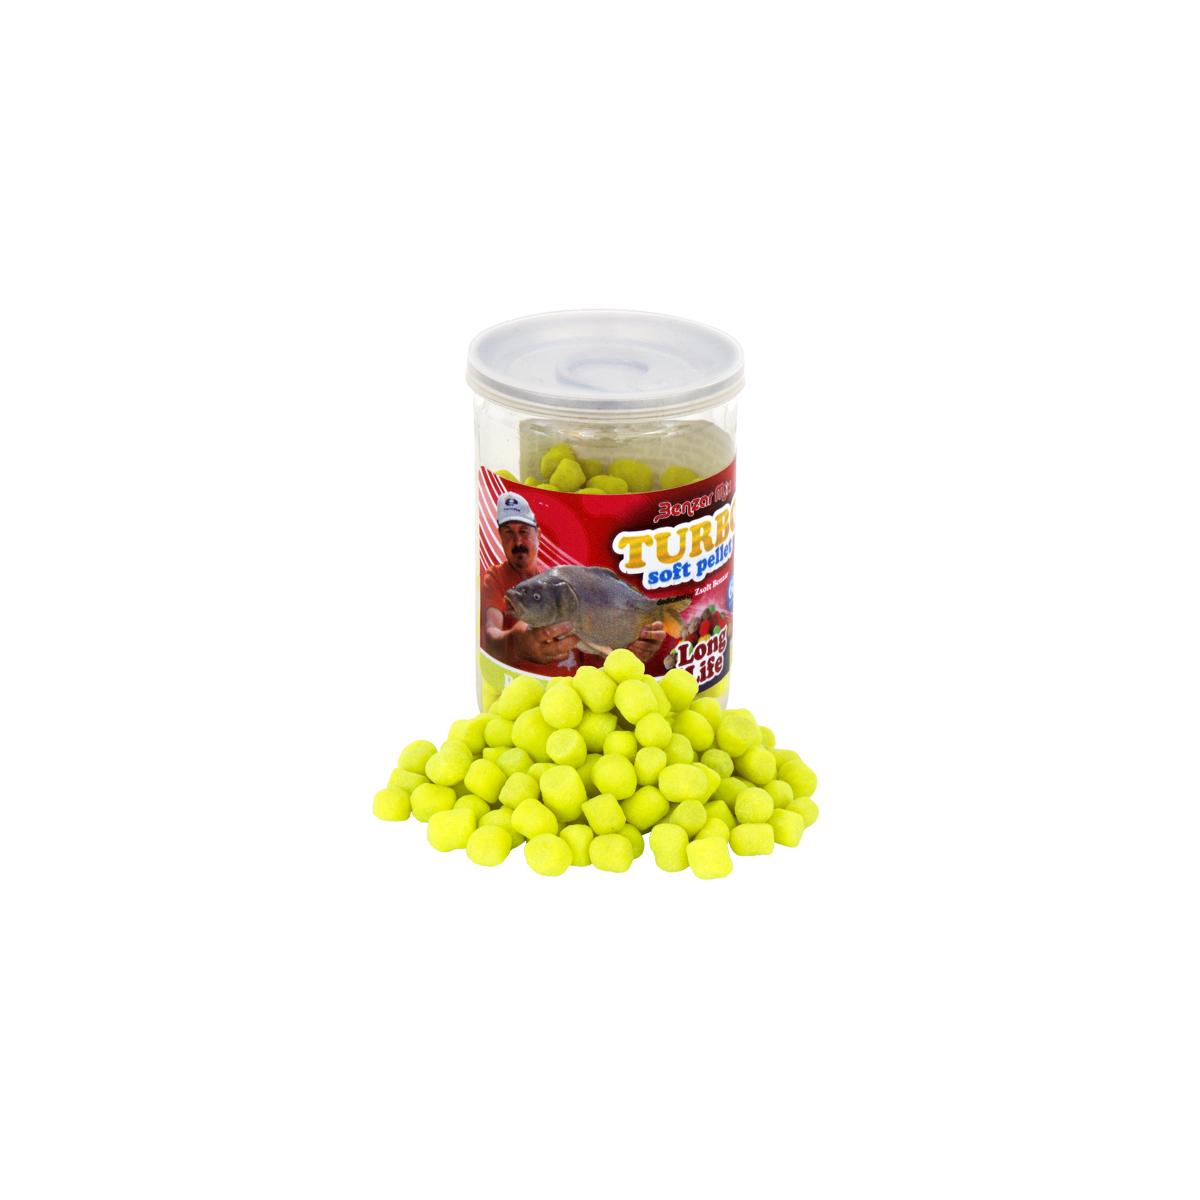 PELETE DE CARLIG Benzar Mix Turbo Soft Pellet Long Life Ananas - 98085925